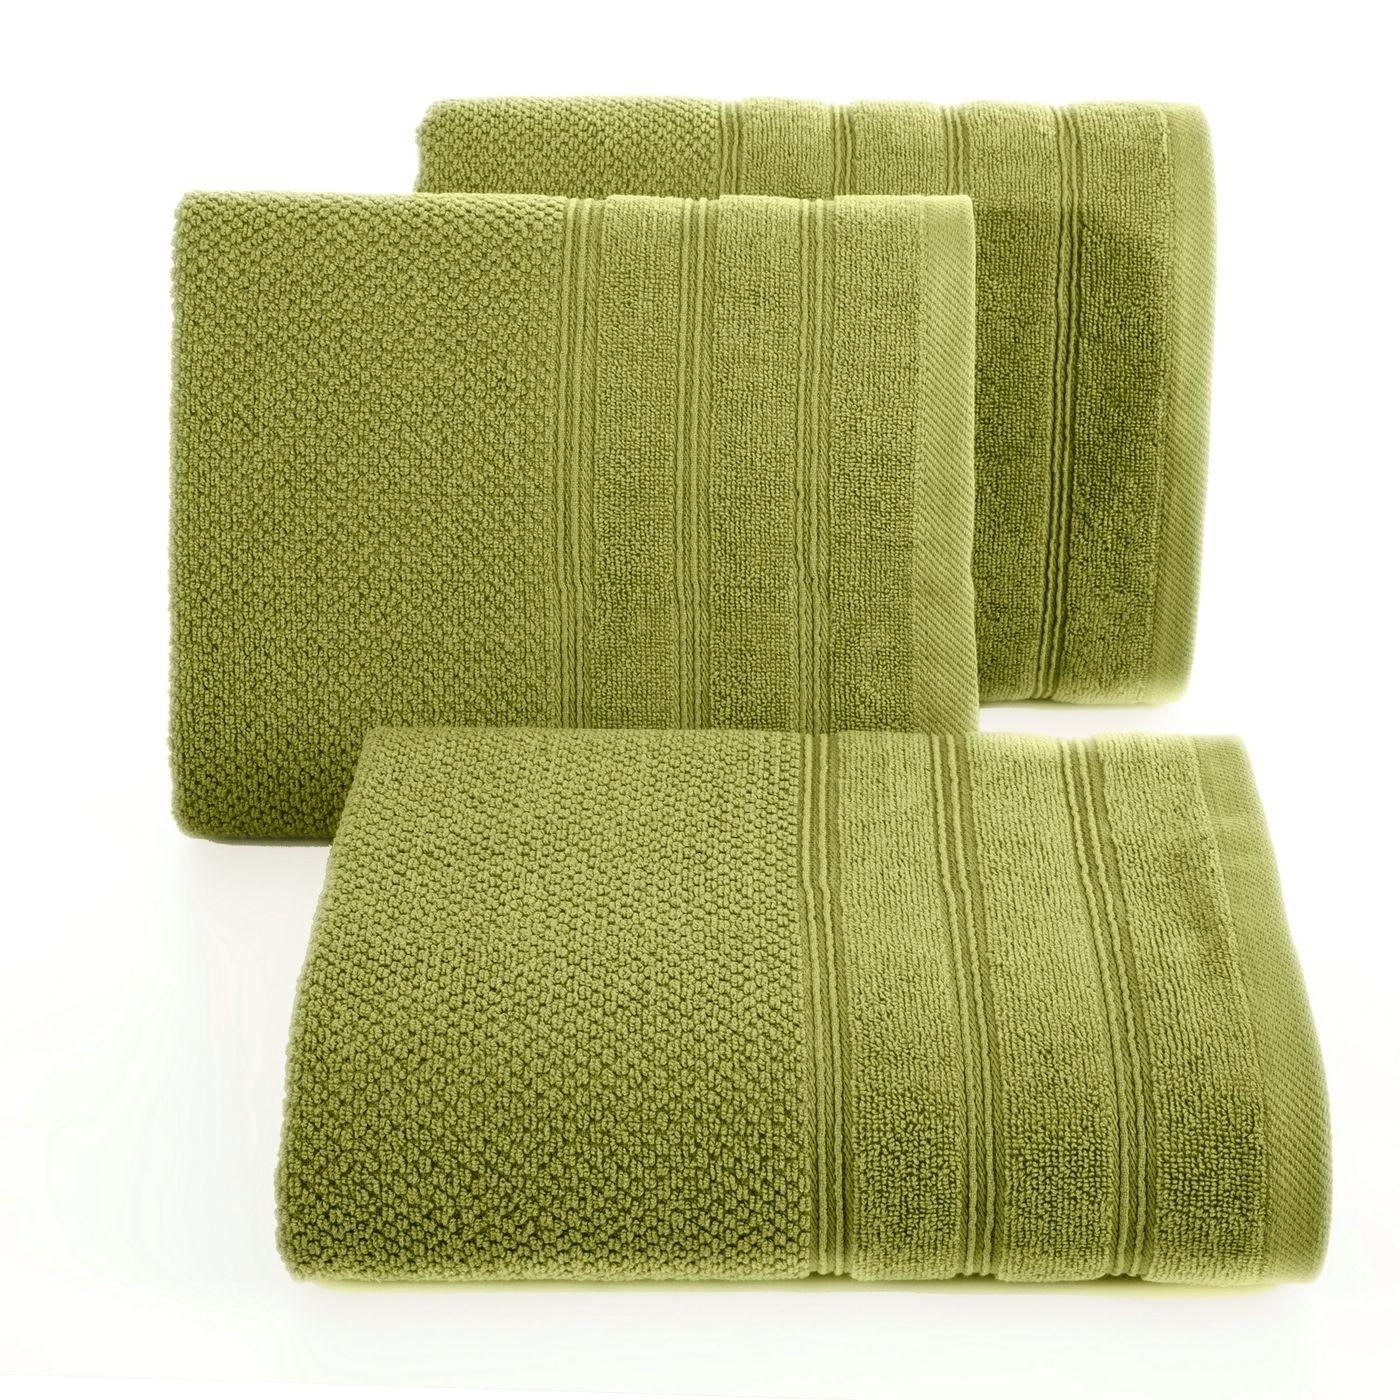 Bawełniany ręcznik kąpielowy frote oliwkowy 50x90